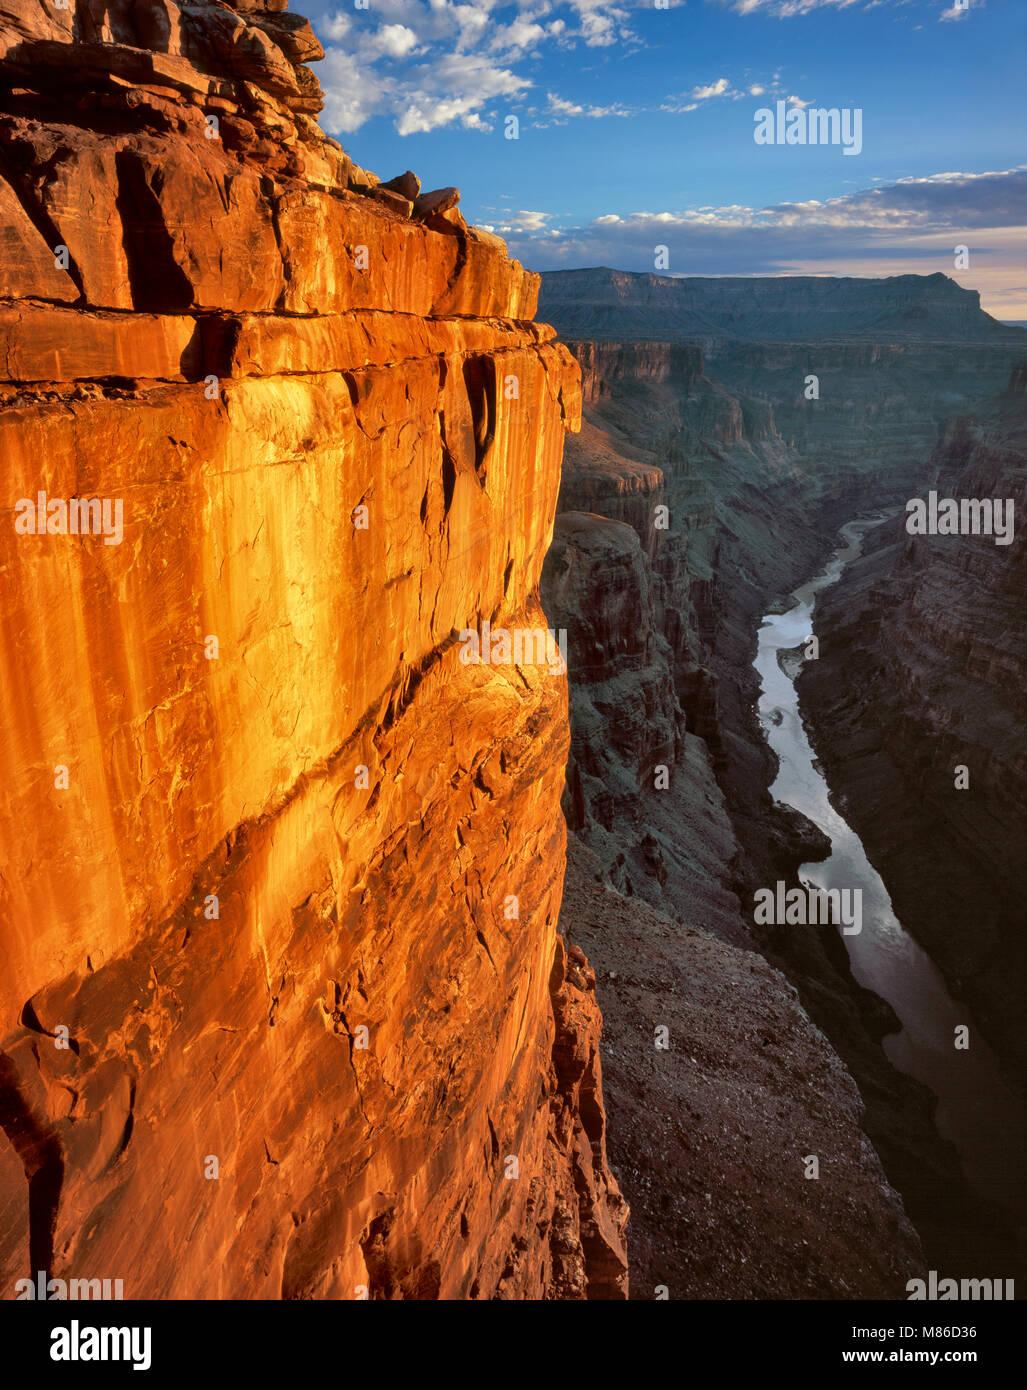 Toroweap si affacciano, il Fiume Colorado e il Grand Canyon National Park, Arizona Immagini Stock